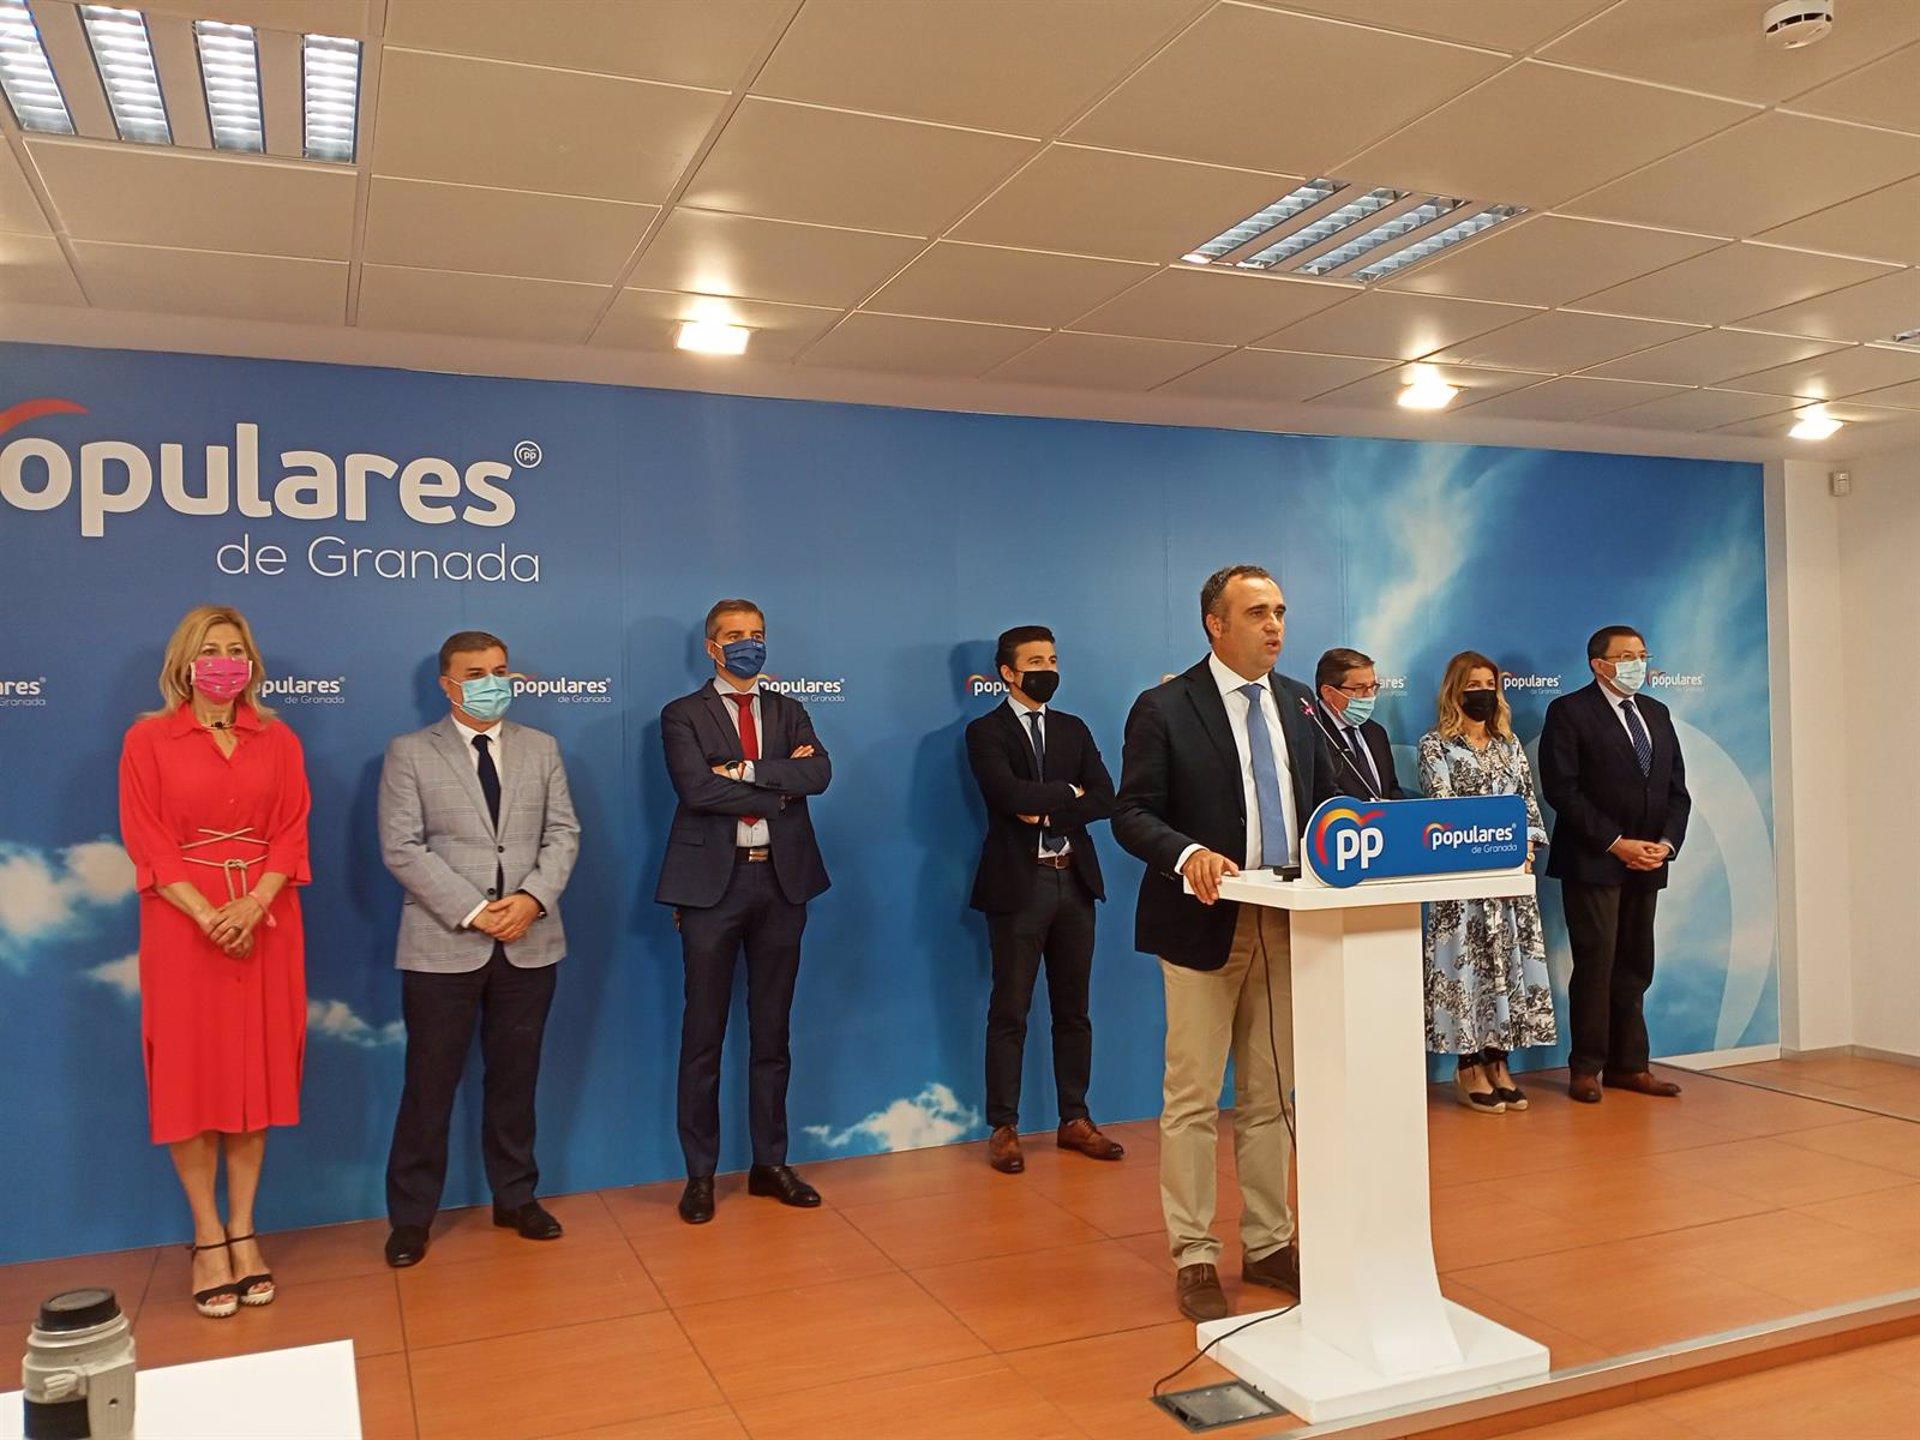 El PP abandona el gobierno local de Granada tras la negativa de Salvador (Cs) a dimitir como alcalde